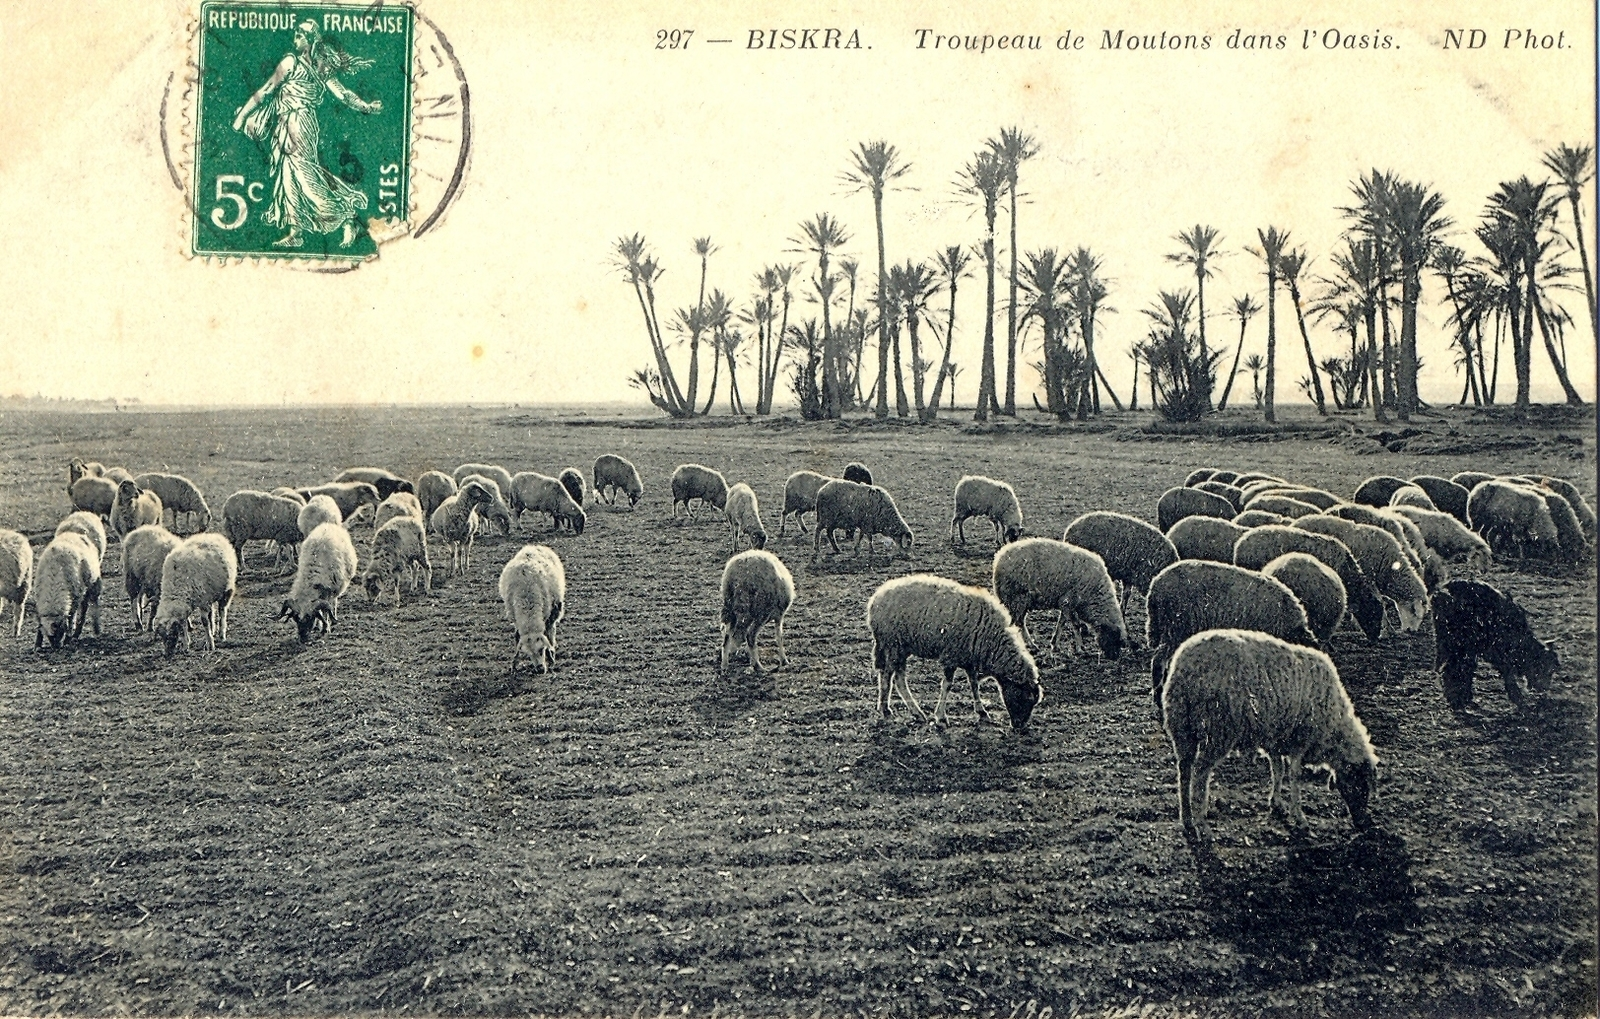 Biskra - Troupeau de moutons dans l'oasis